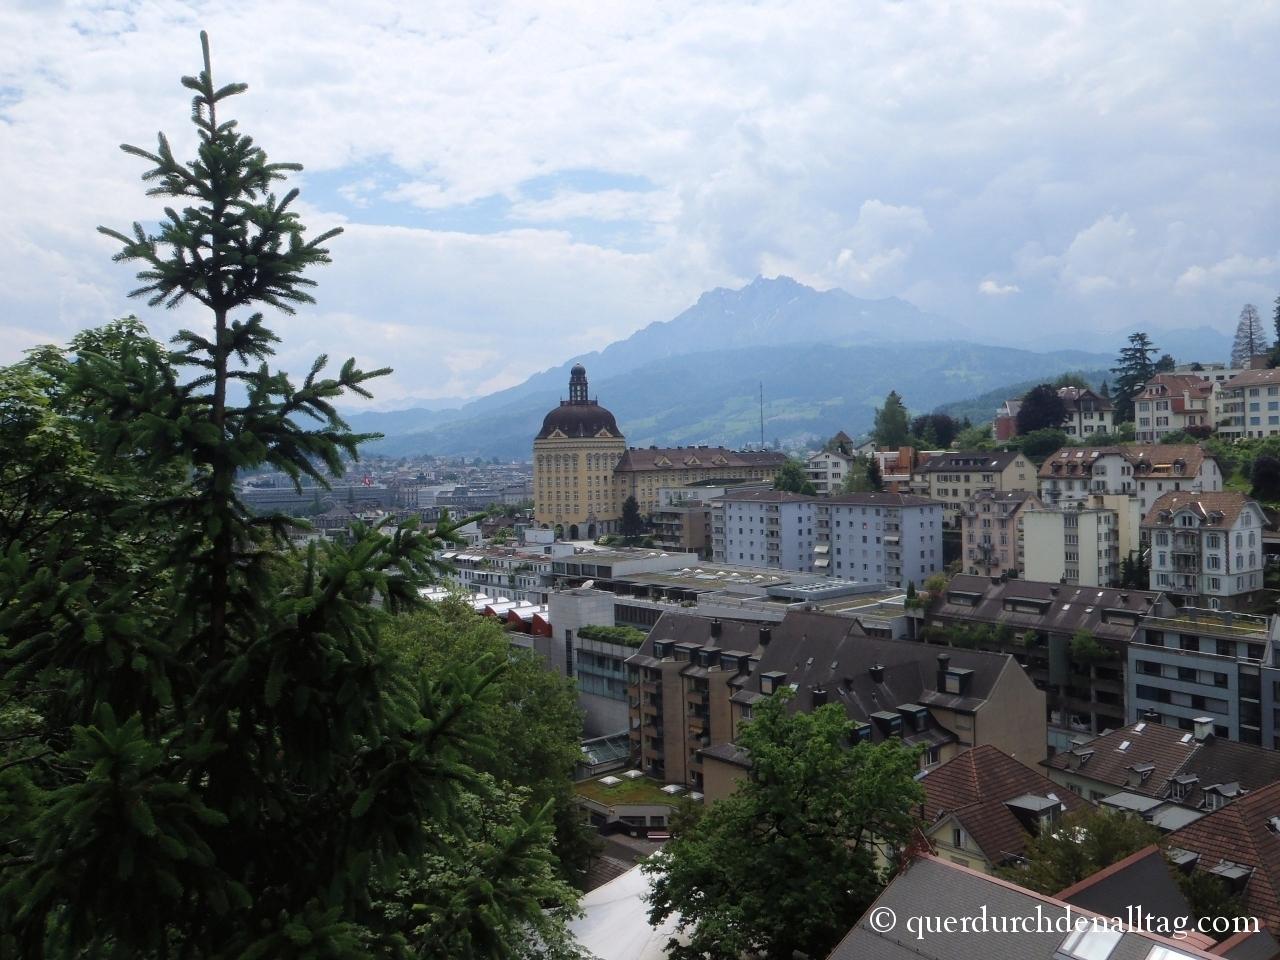 Luzern Gletschergarten